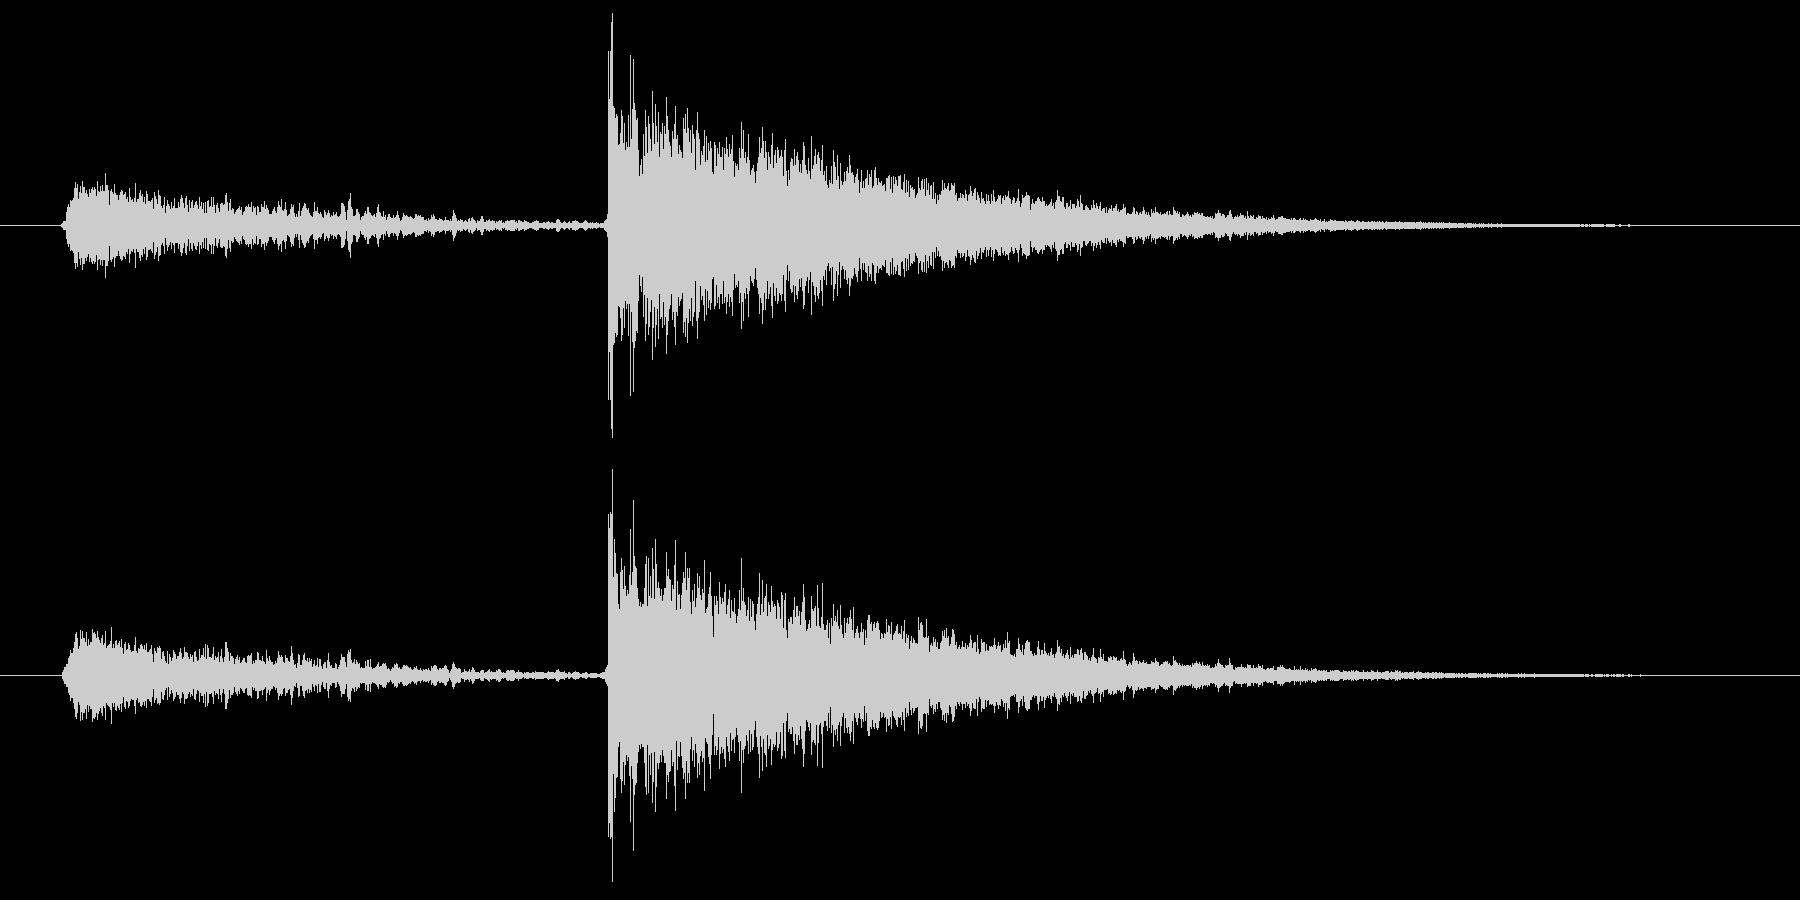 闇のスキルが成長したときの効果音2の未再生の波形